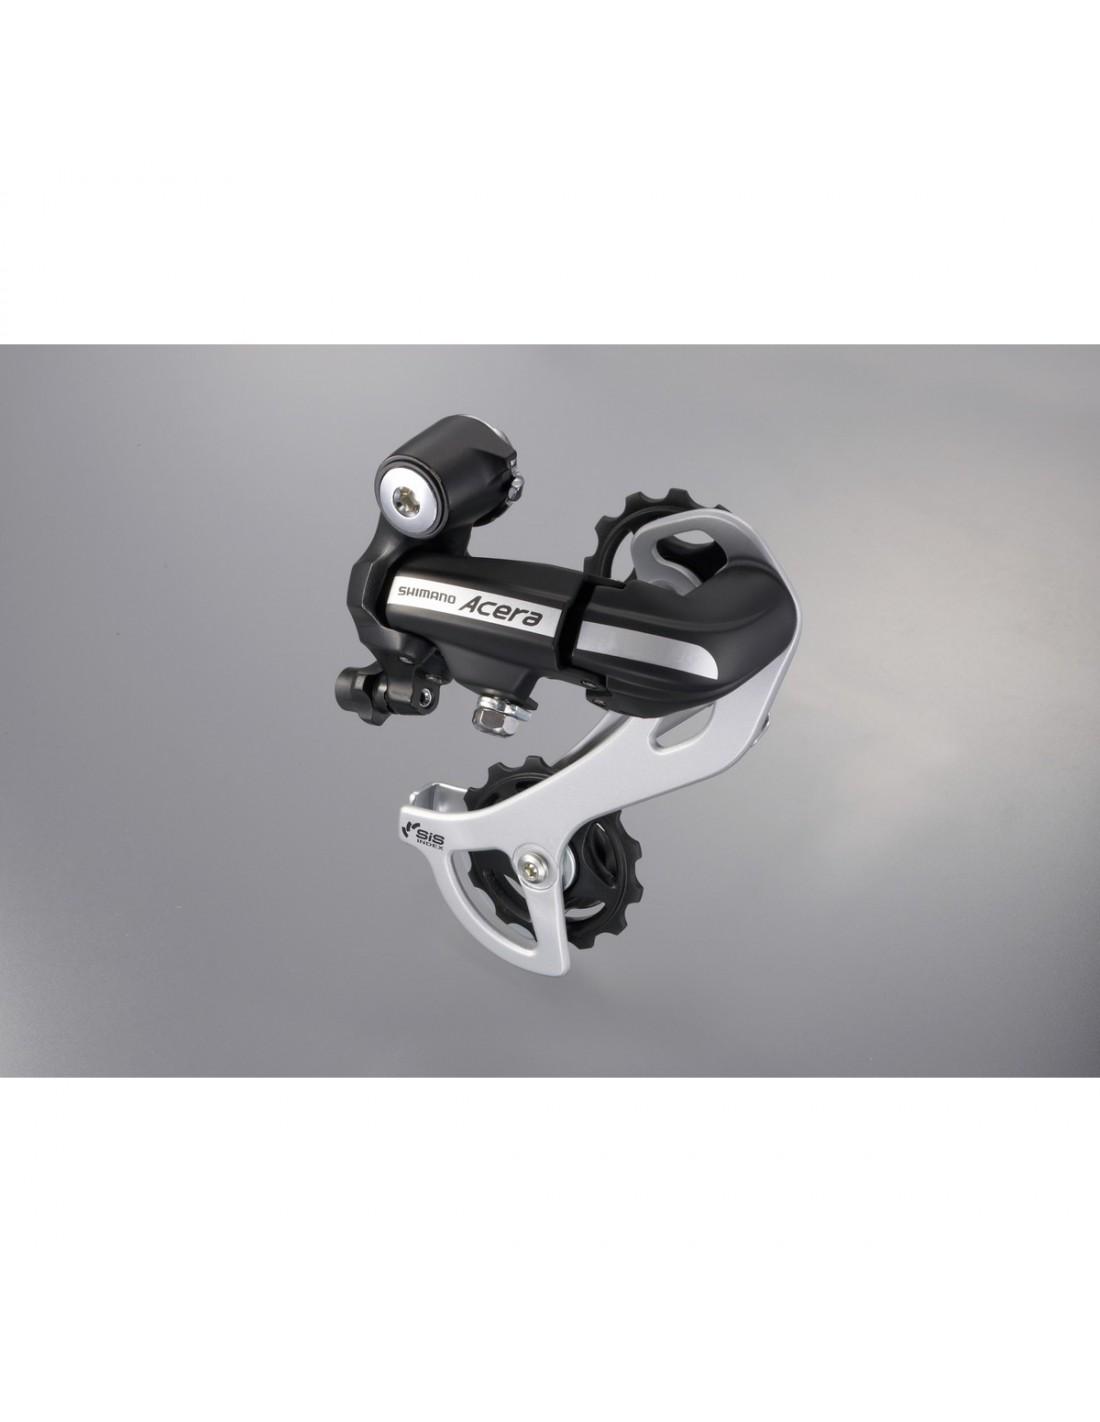 Kjede, Drev & Gir Shimano Navgir Acera svart 6/7/8 speed ERDM360SGSL 319 kr